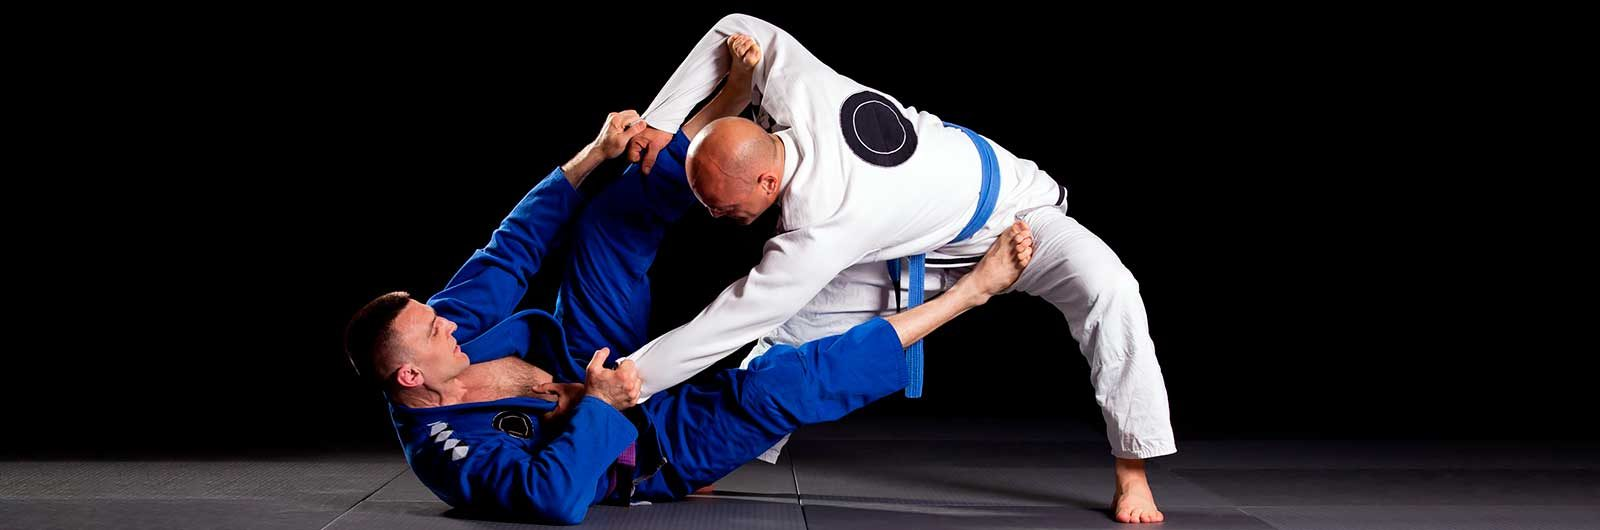 Jiu-jitsu Budokan